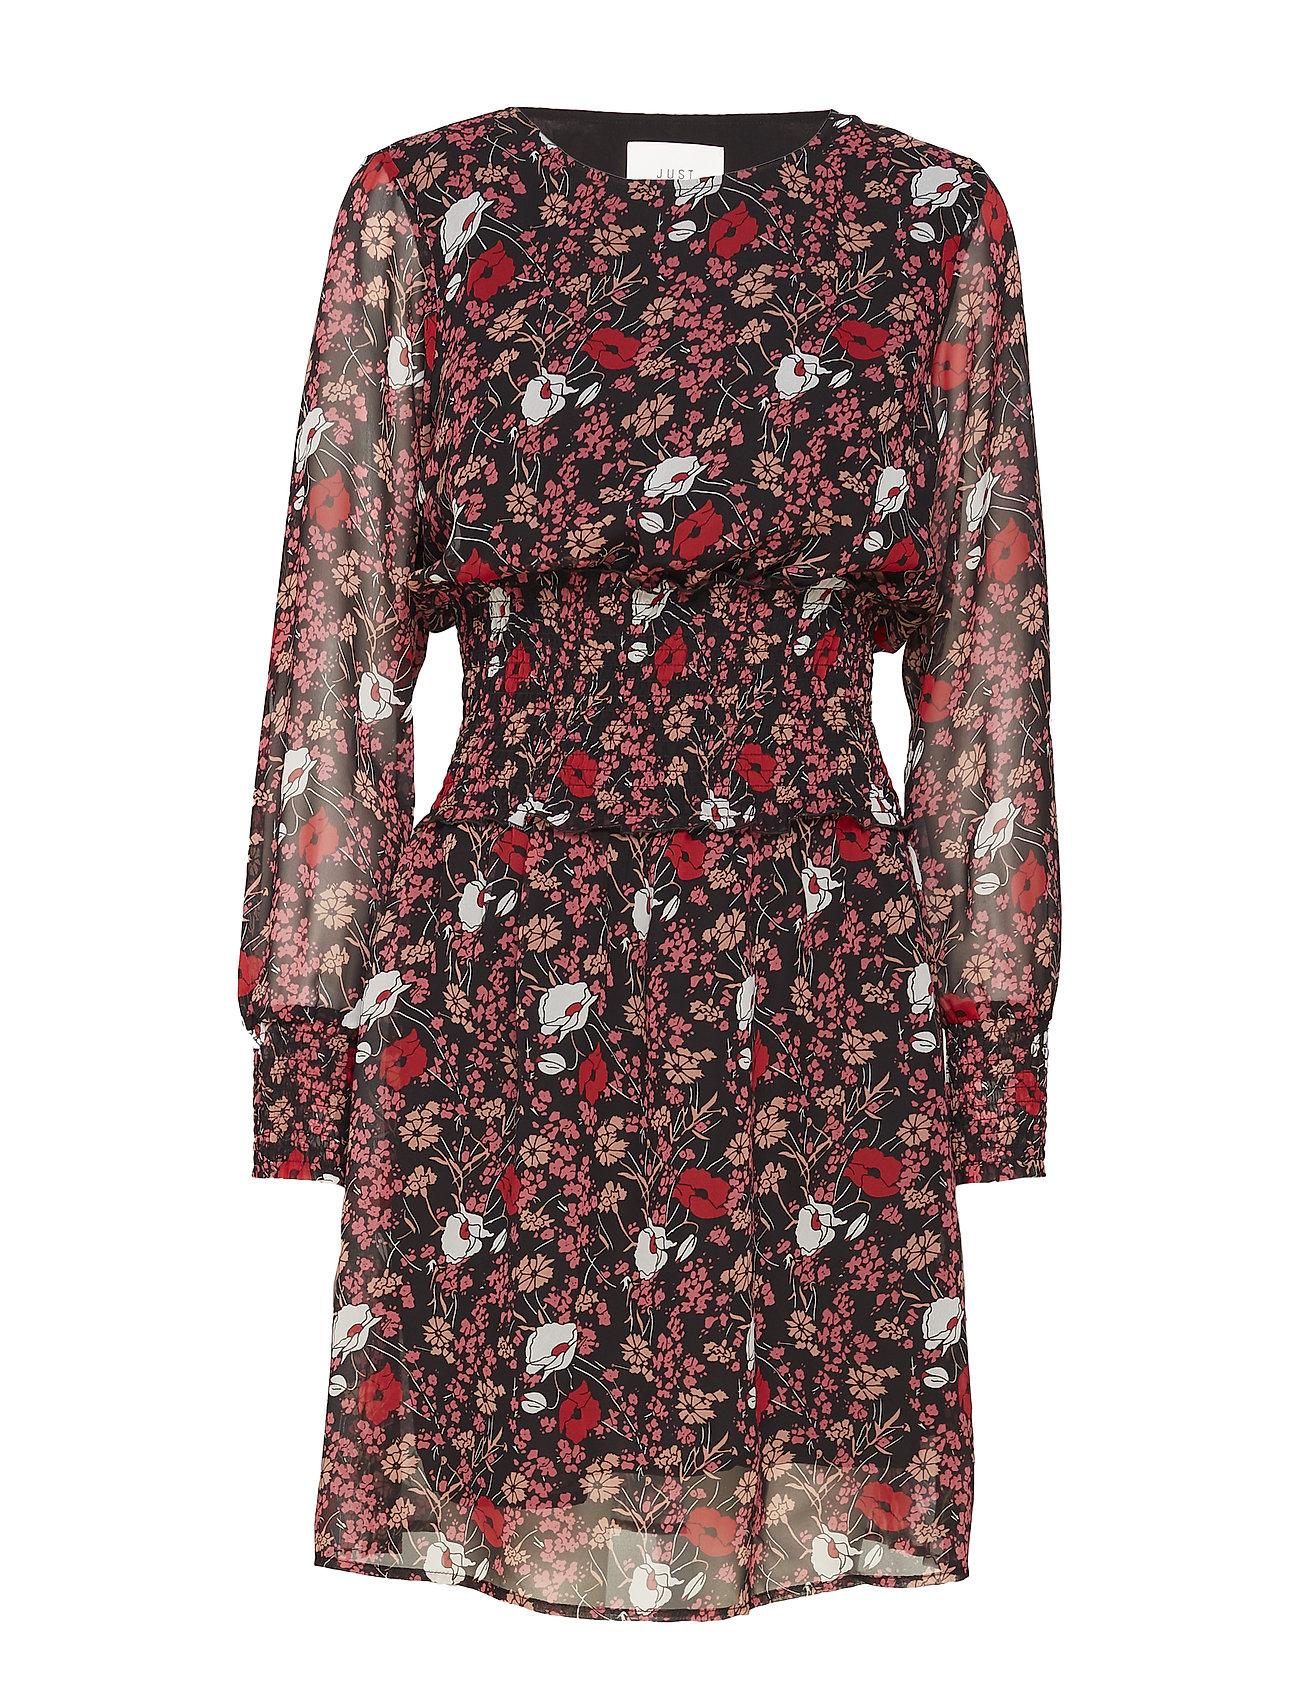 Image of Antonin Ls Dress Kort Kjole Rød JUST FEMALE (3067531329)